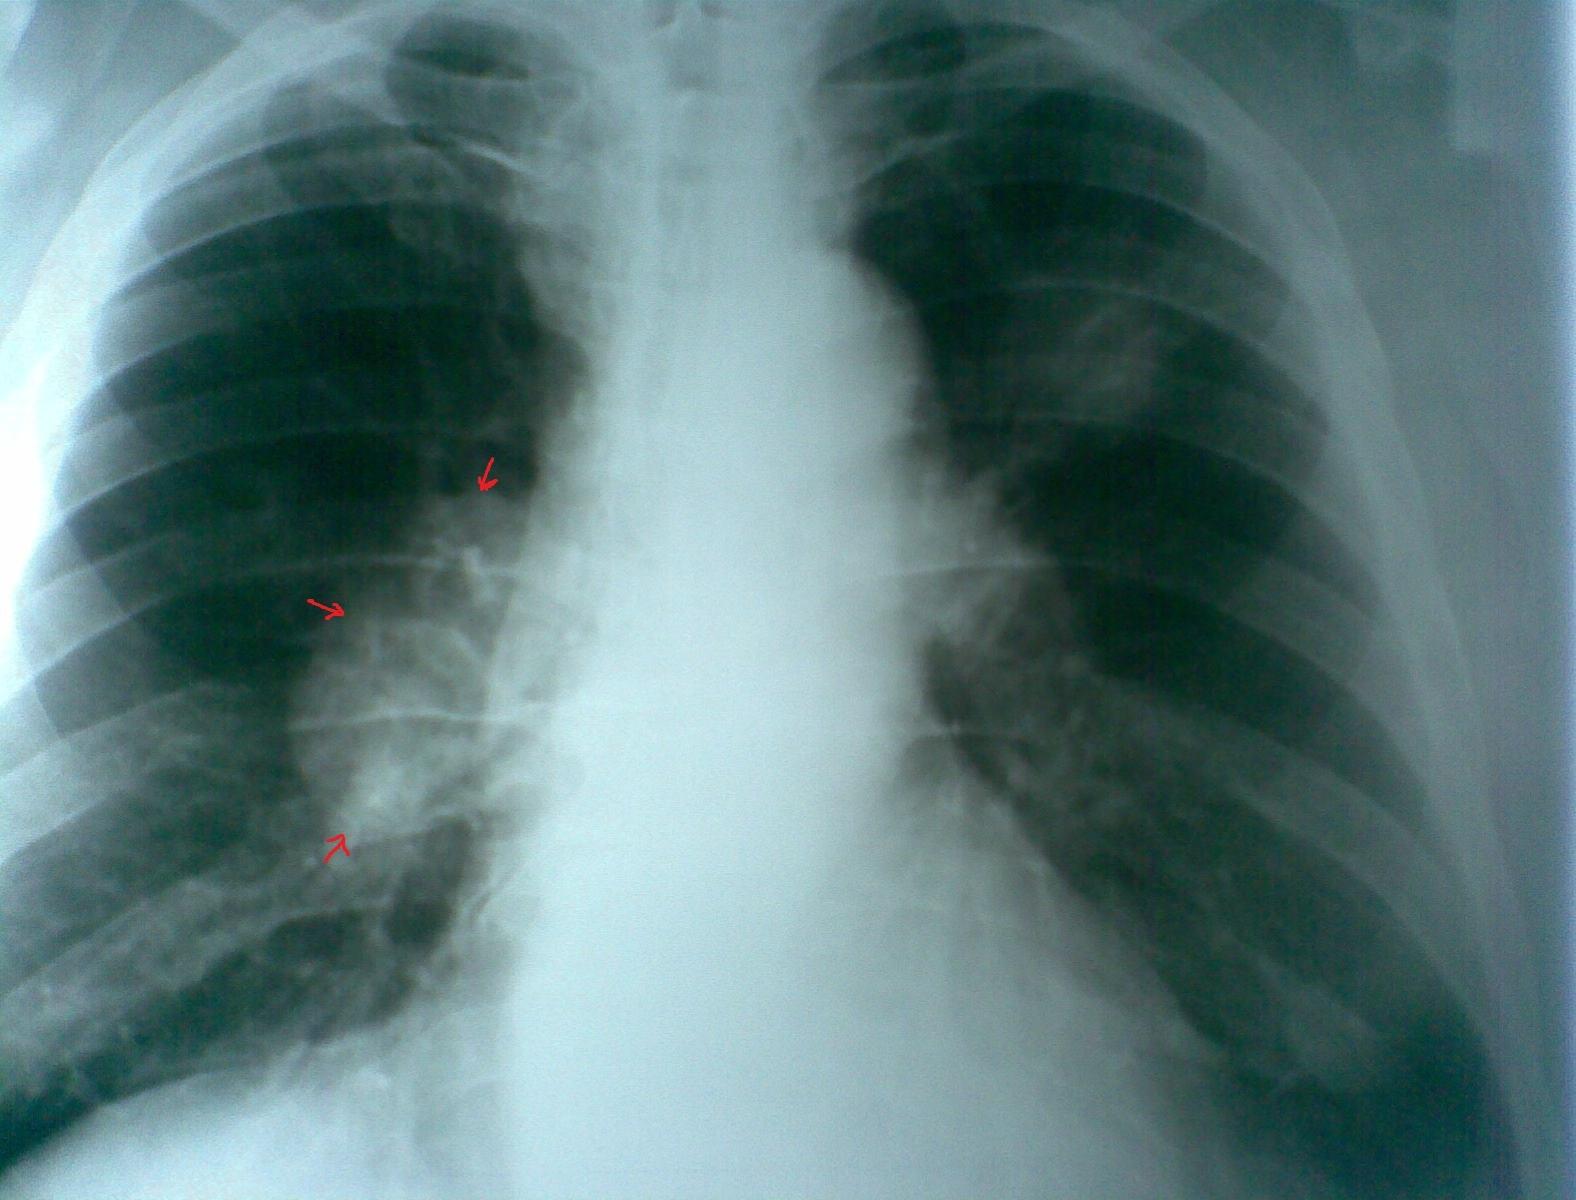 Радон в воздухе жилых помещений приводит к развитию рака лёгкого